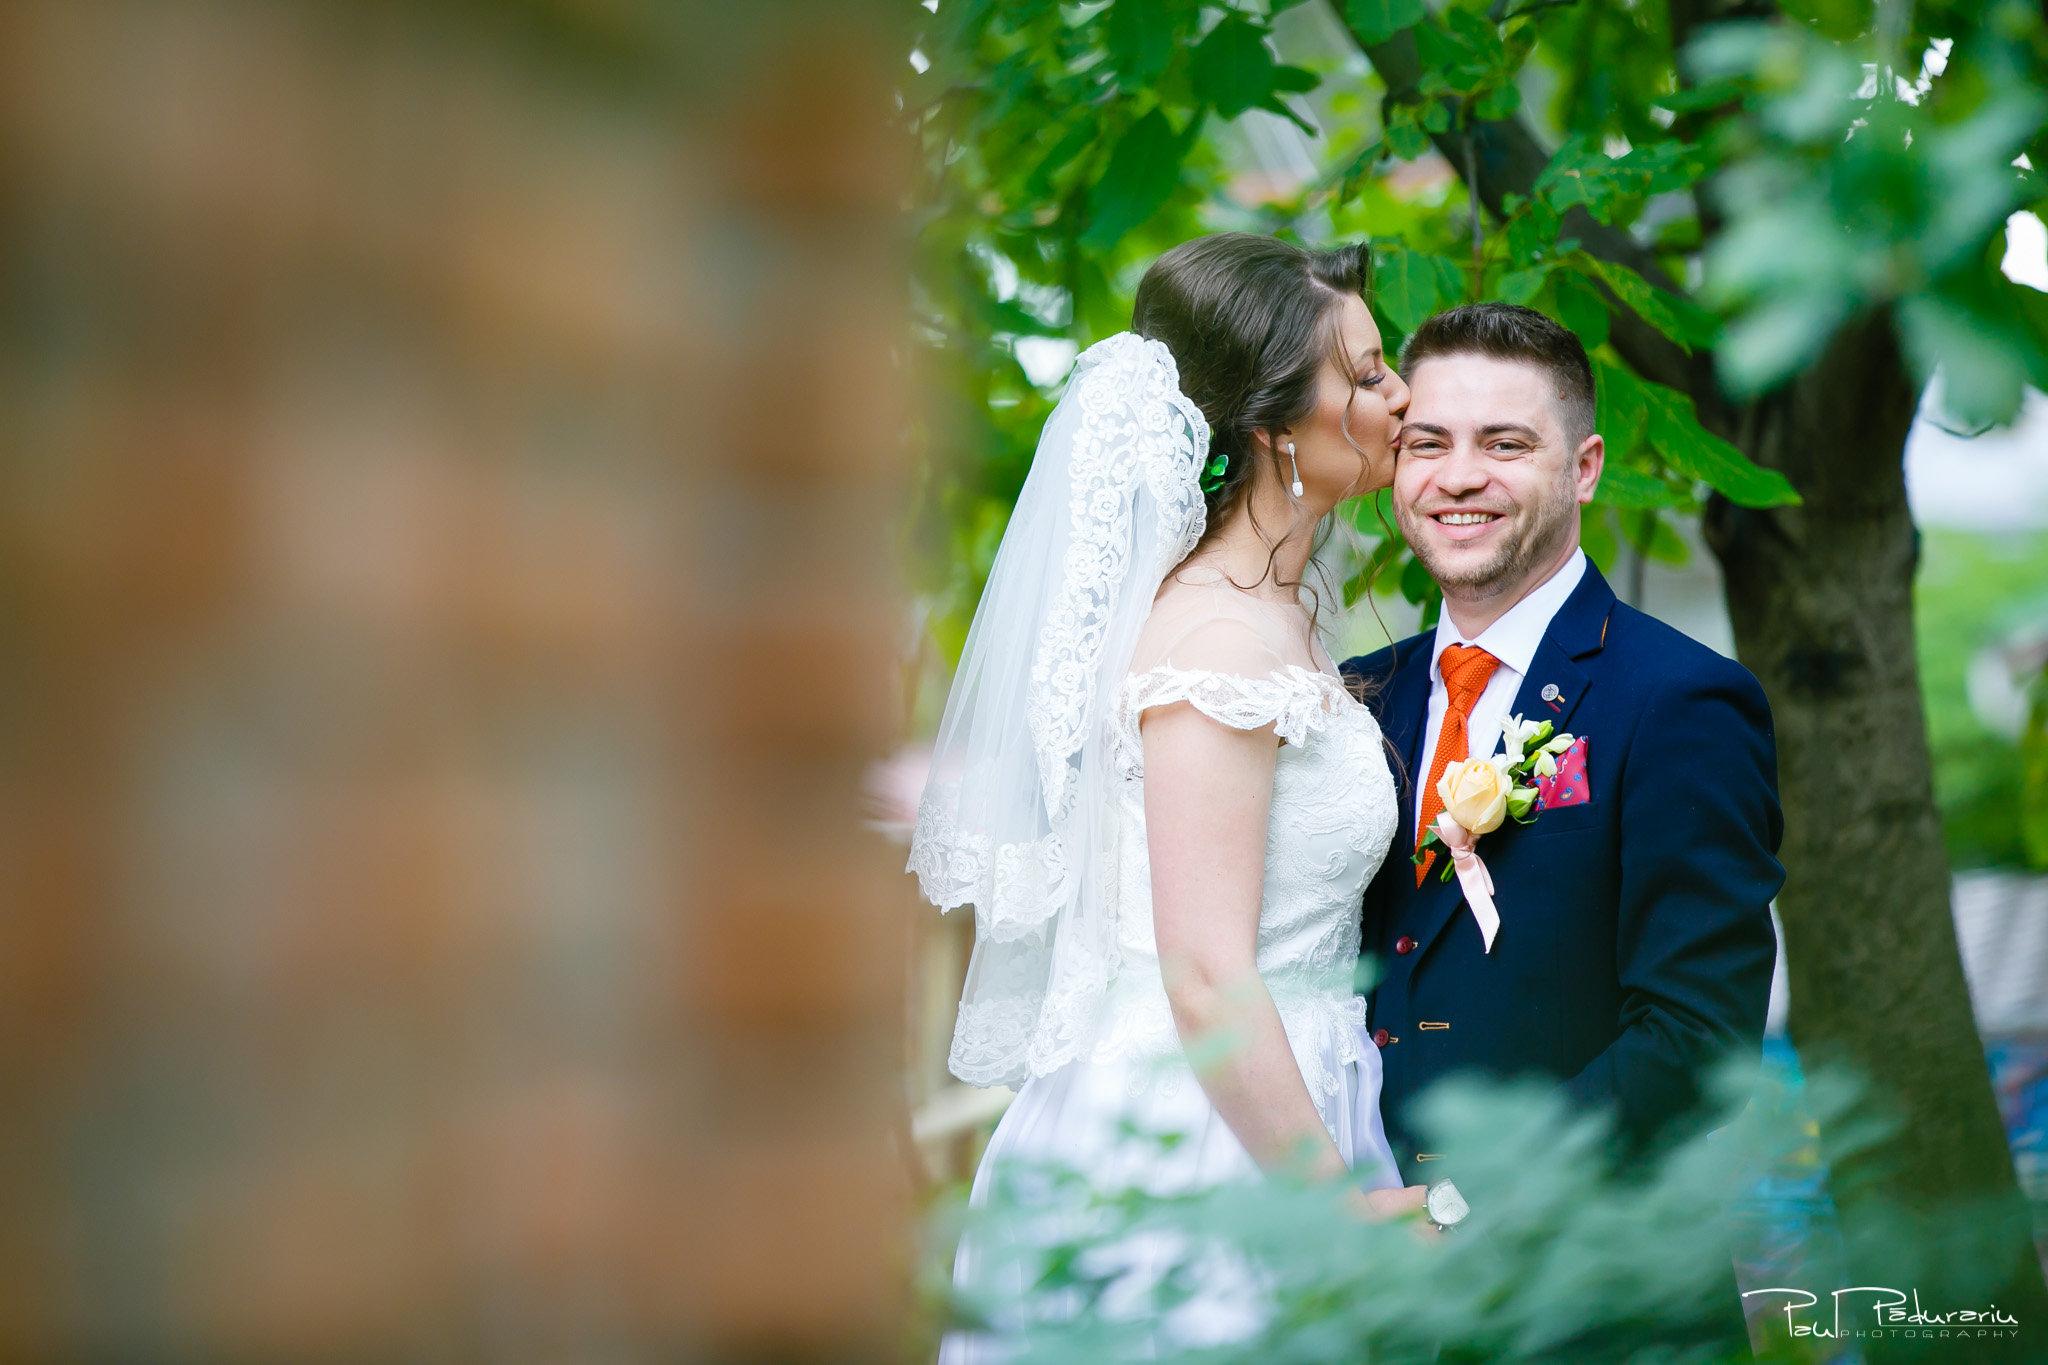 Ariadna si Iulian sedinta foto nunta Iasi www.paulpadurariu.ro © 2017 Paul Padurariu